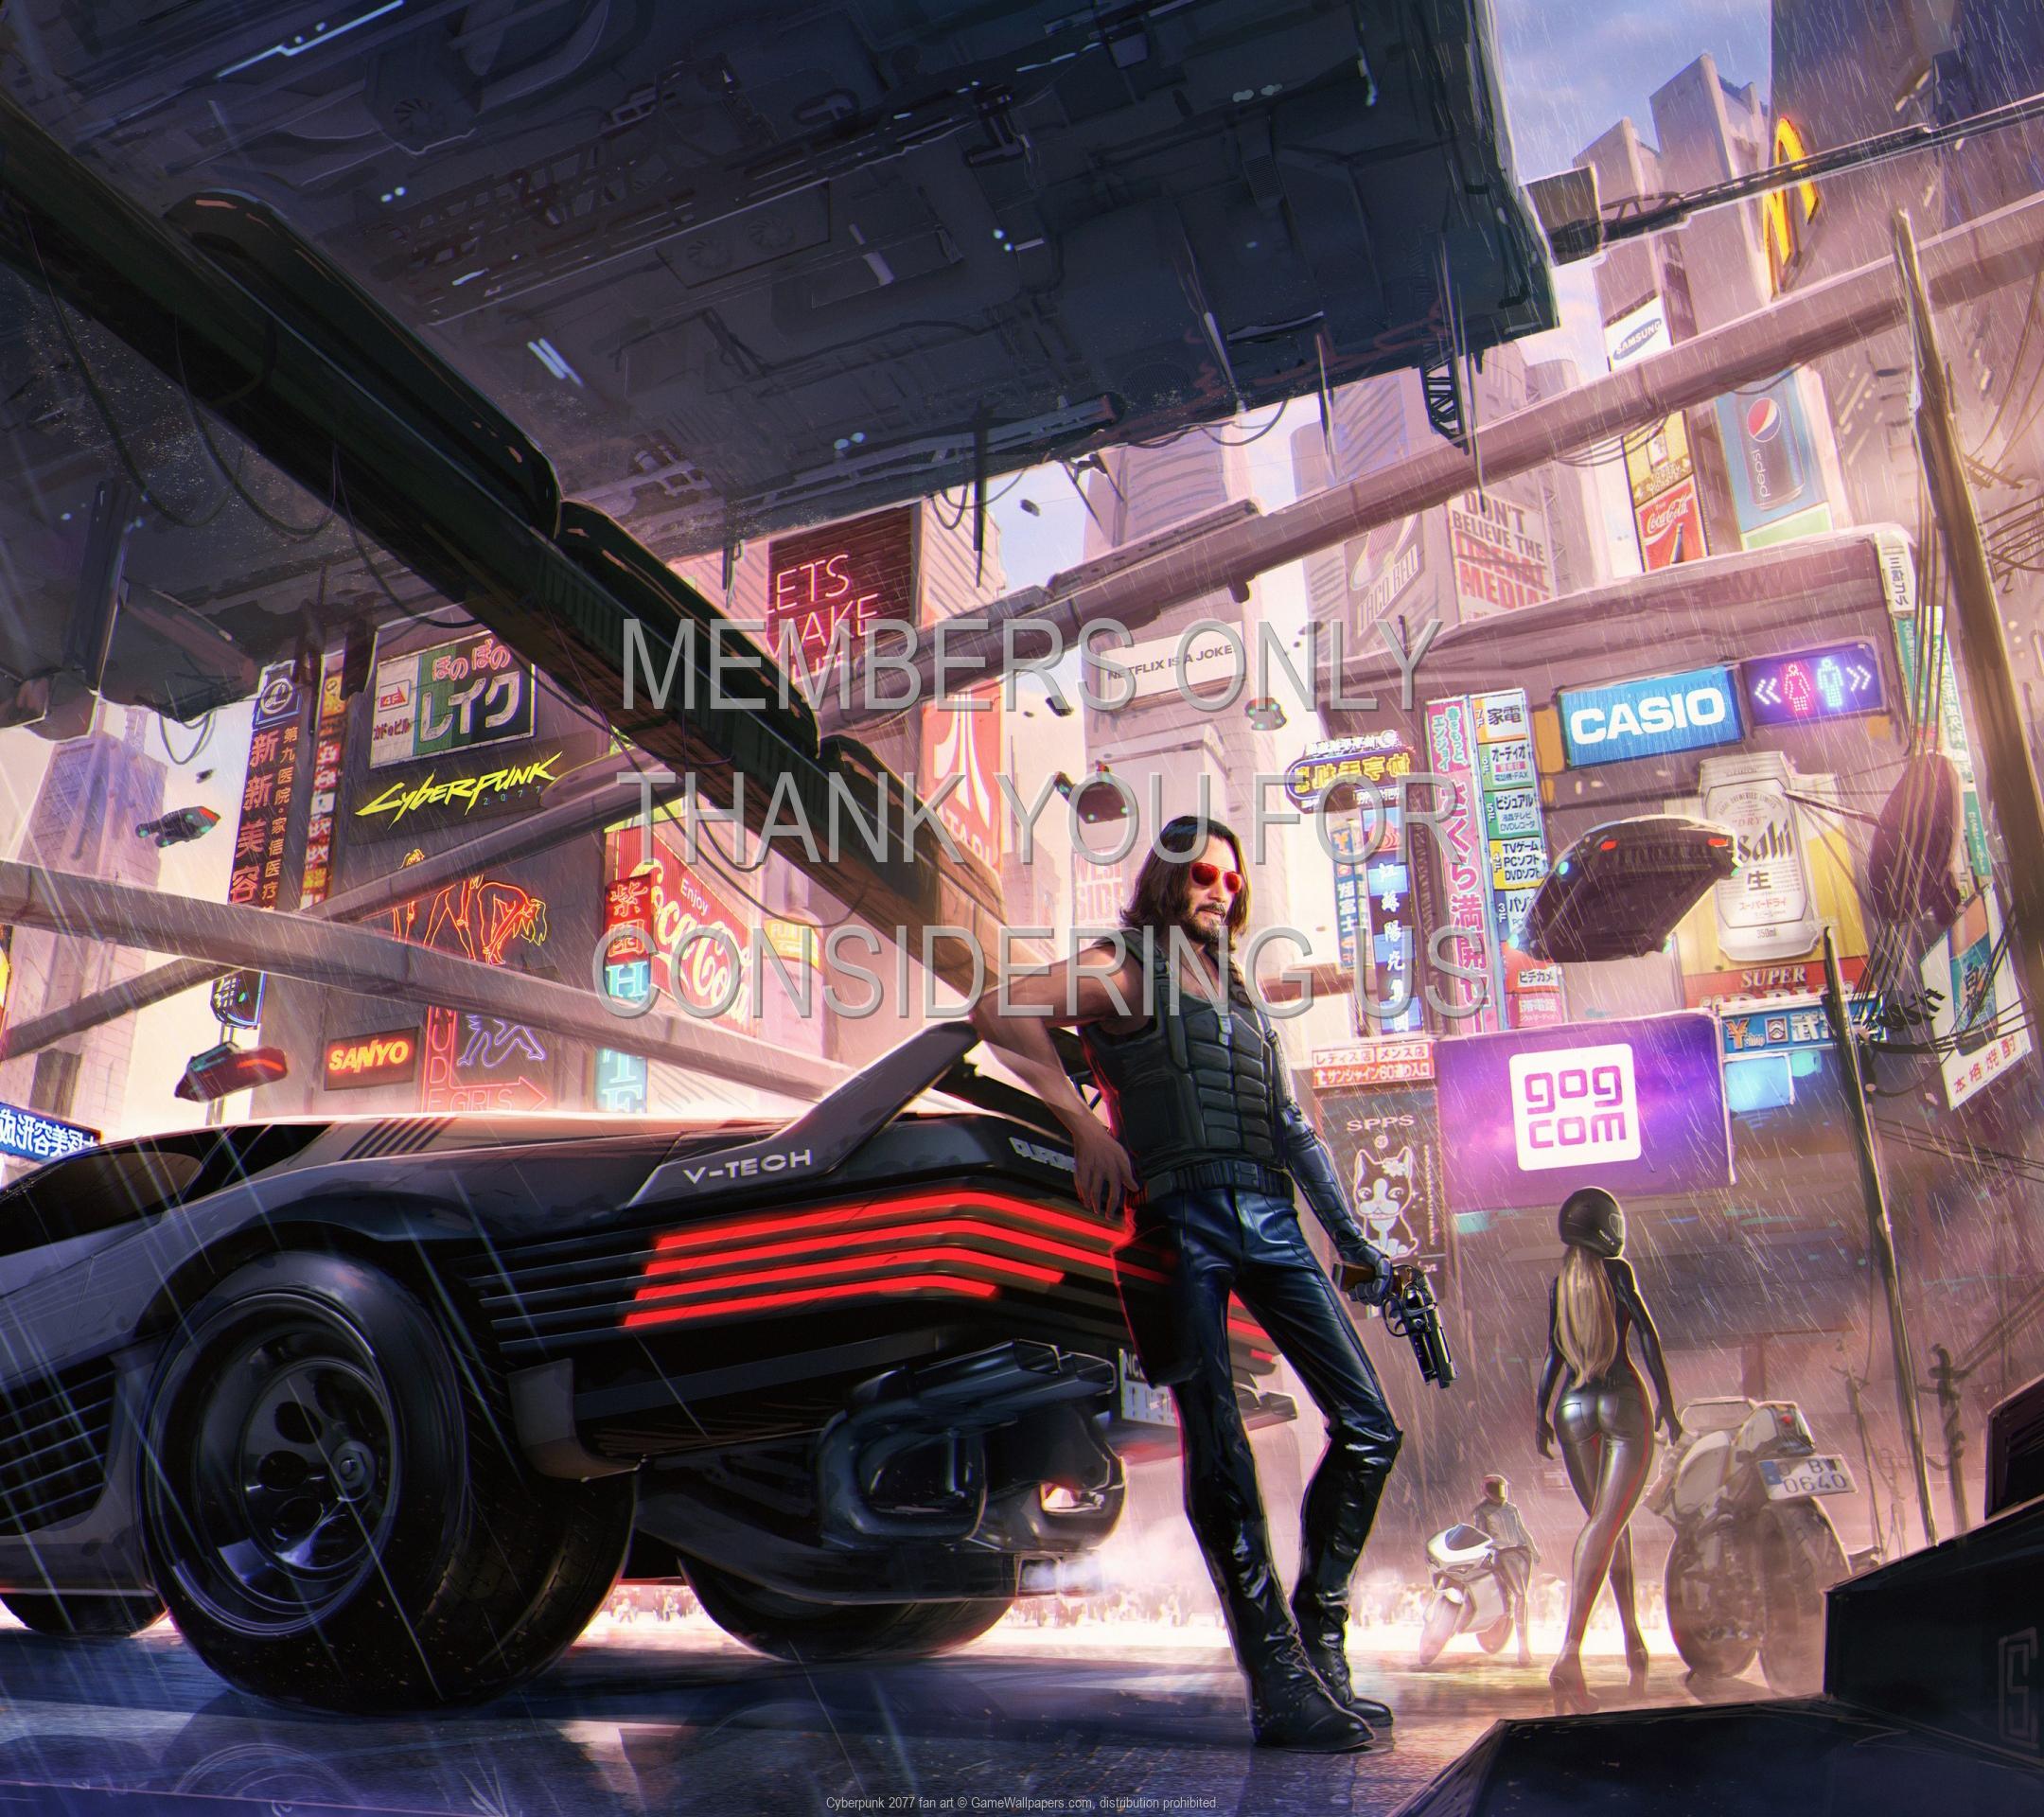 Cyberpunk 2077 fan art 1920x1080 Mobile wallpaper or background 04